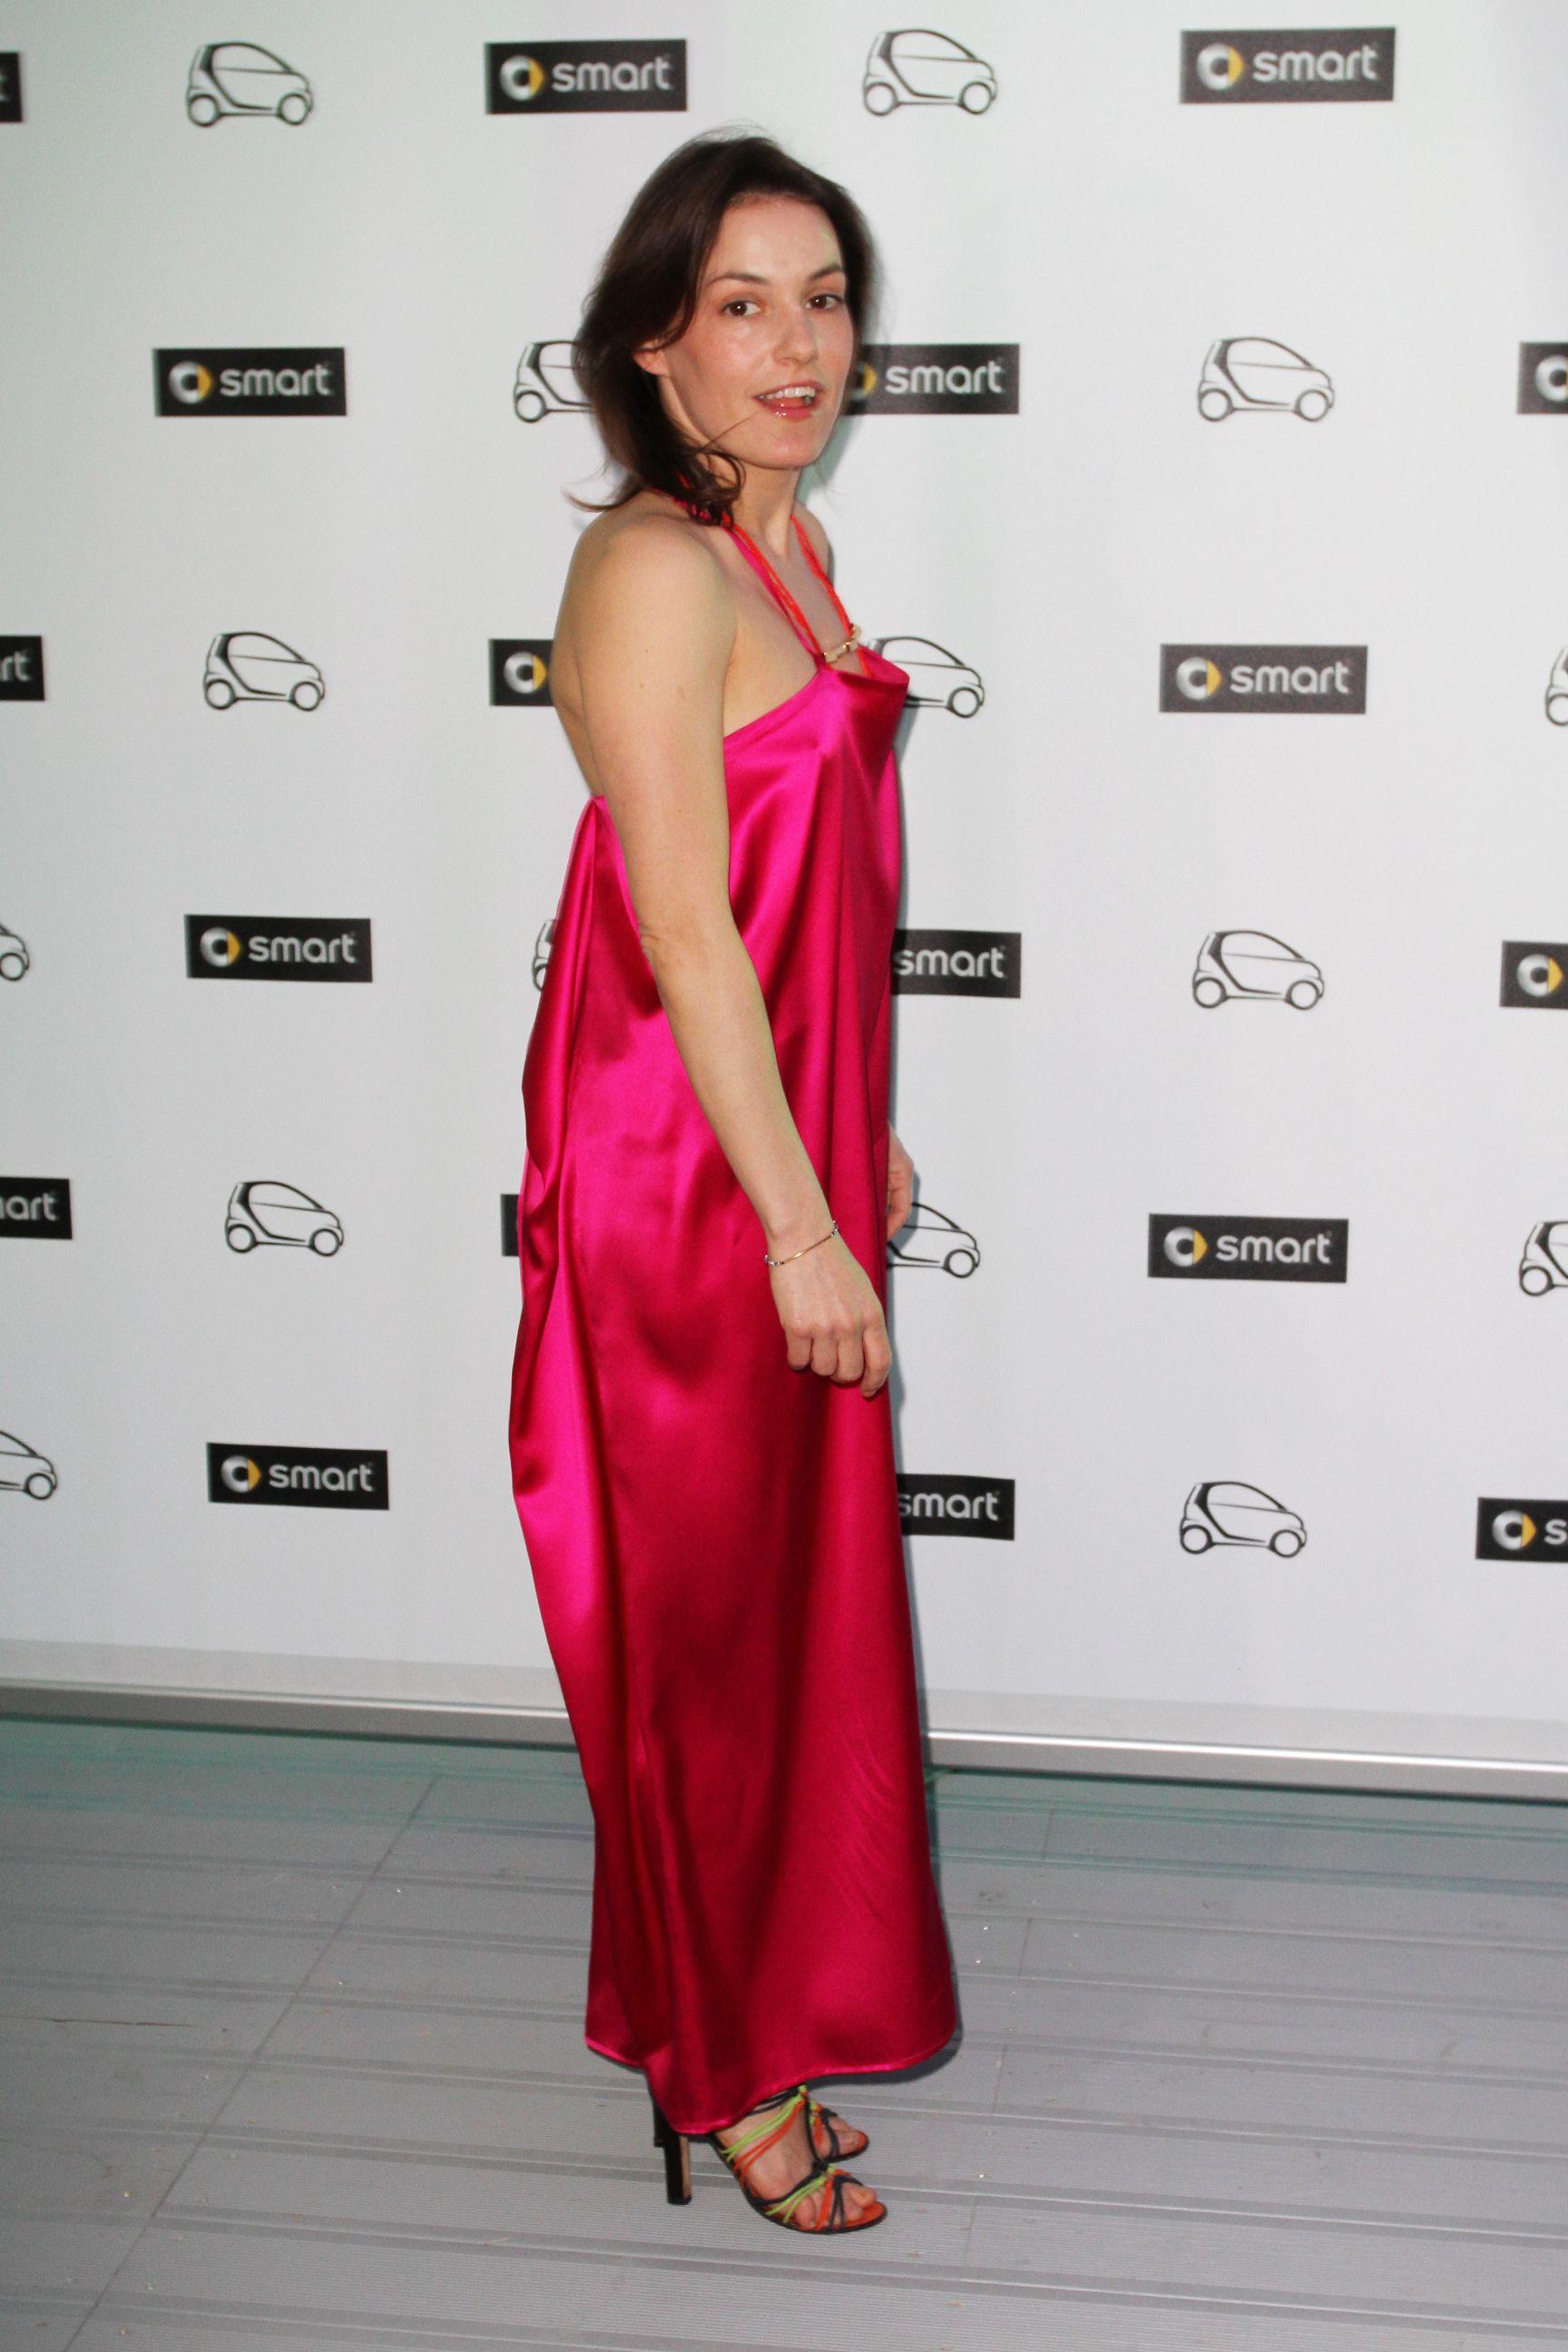 Nicolette Krebitz Brustkrebs